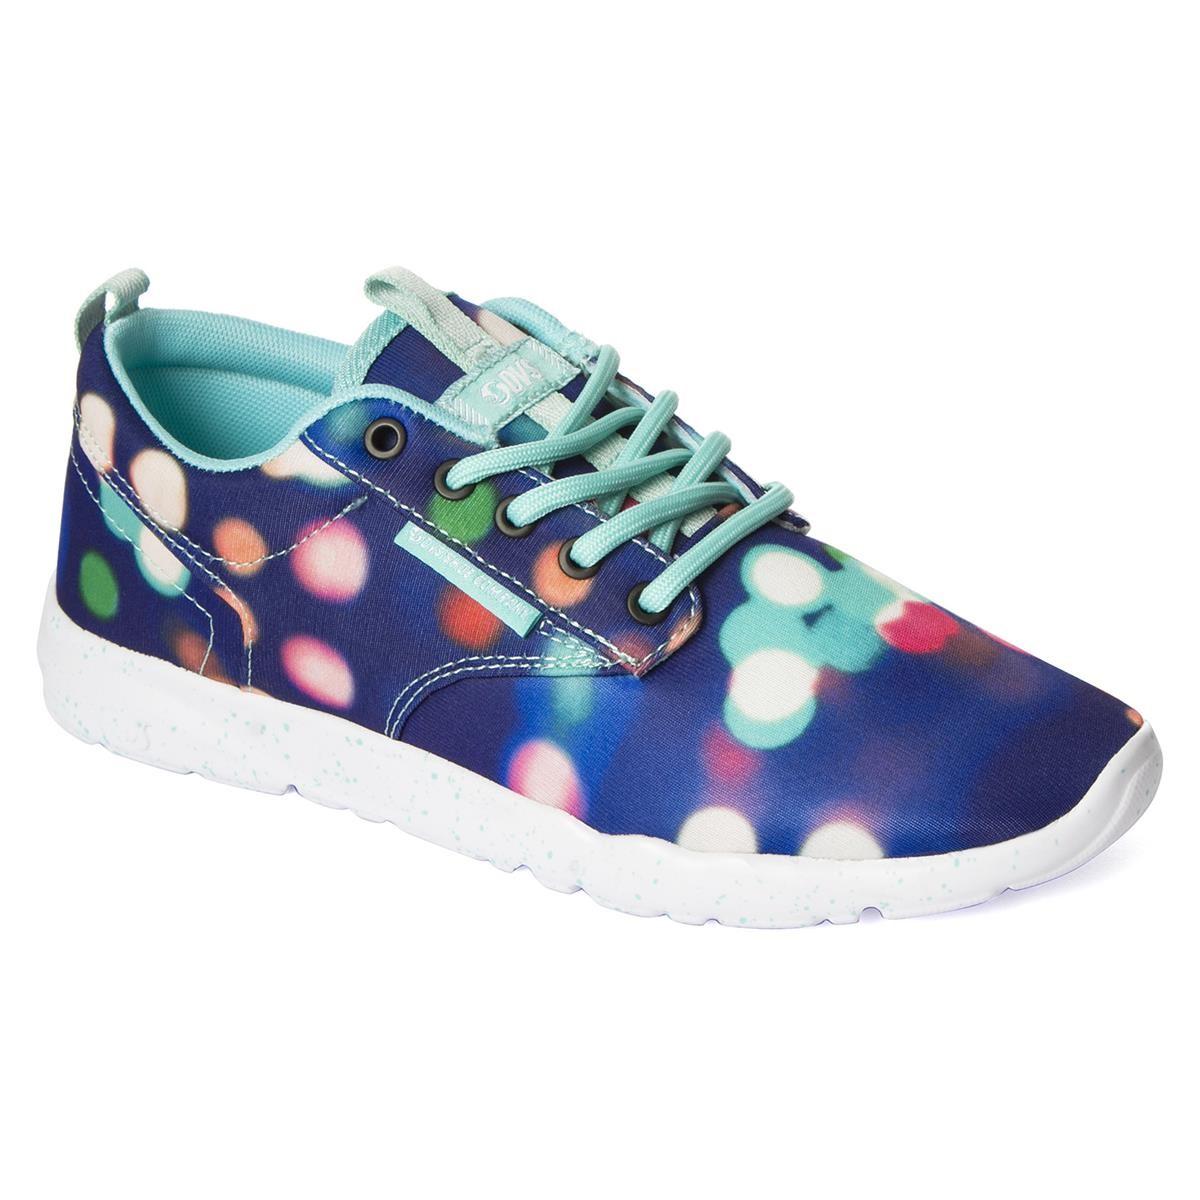 DVS Girls Schuhe Premier 2.0 Navy/Multi